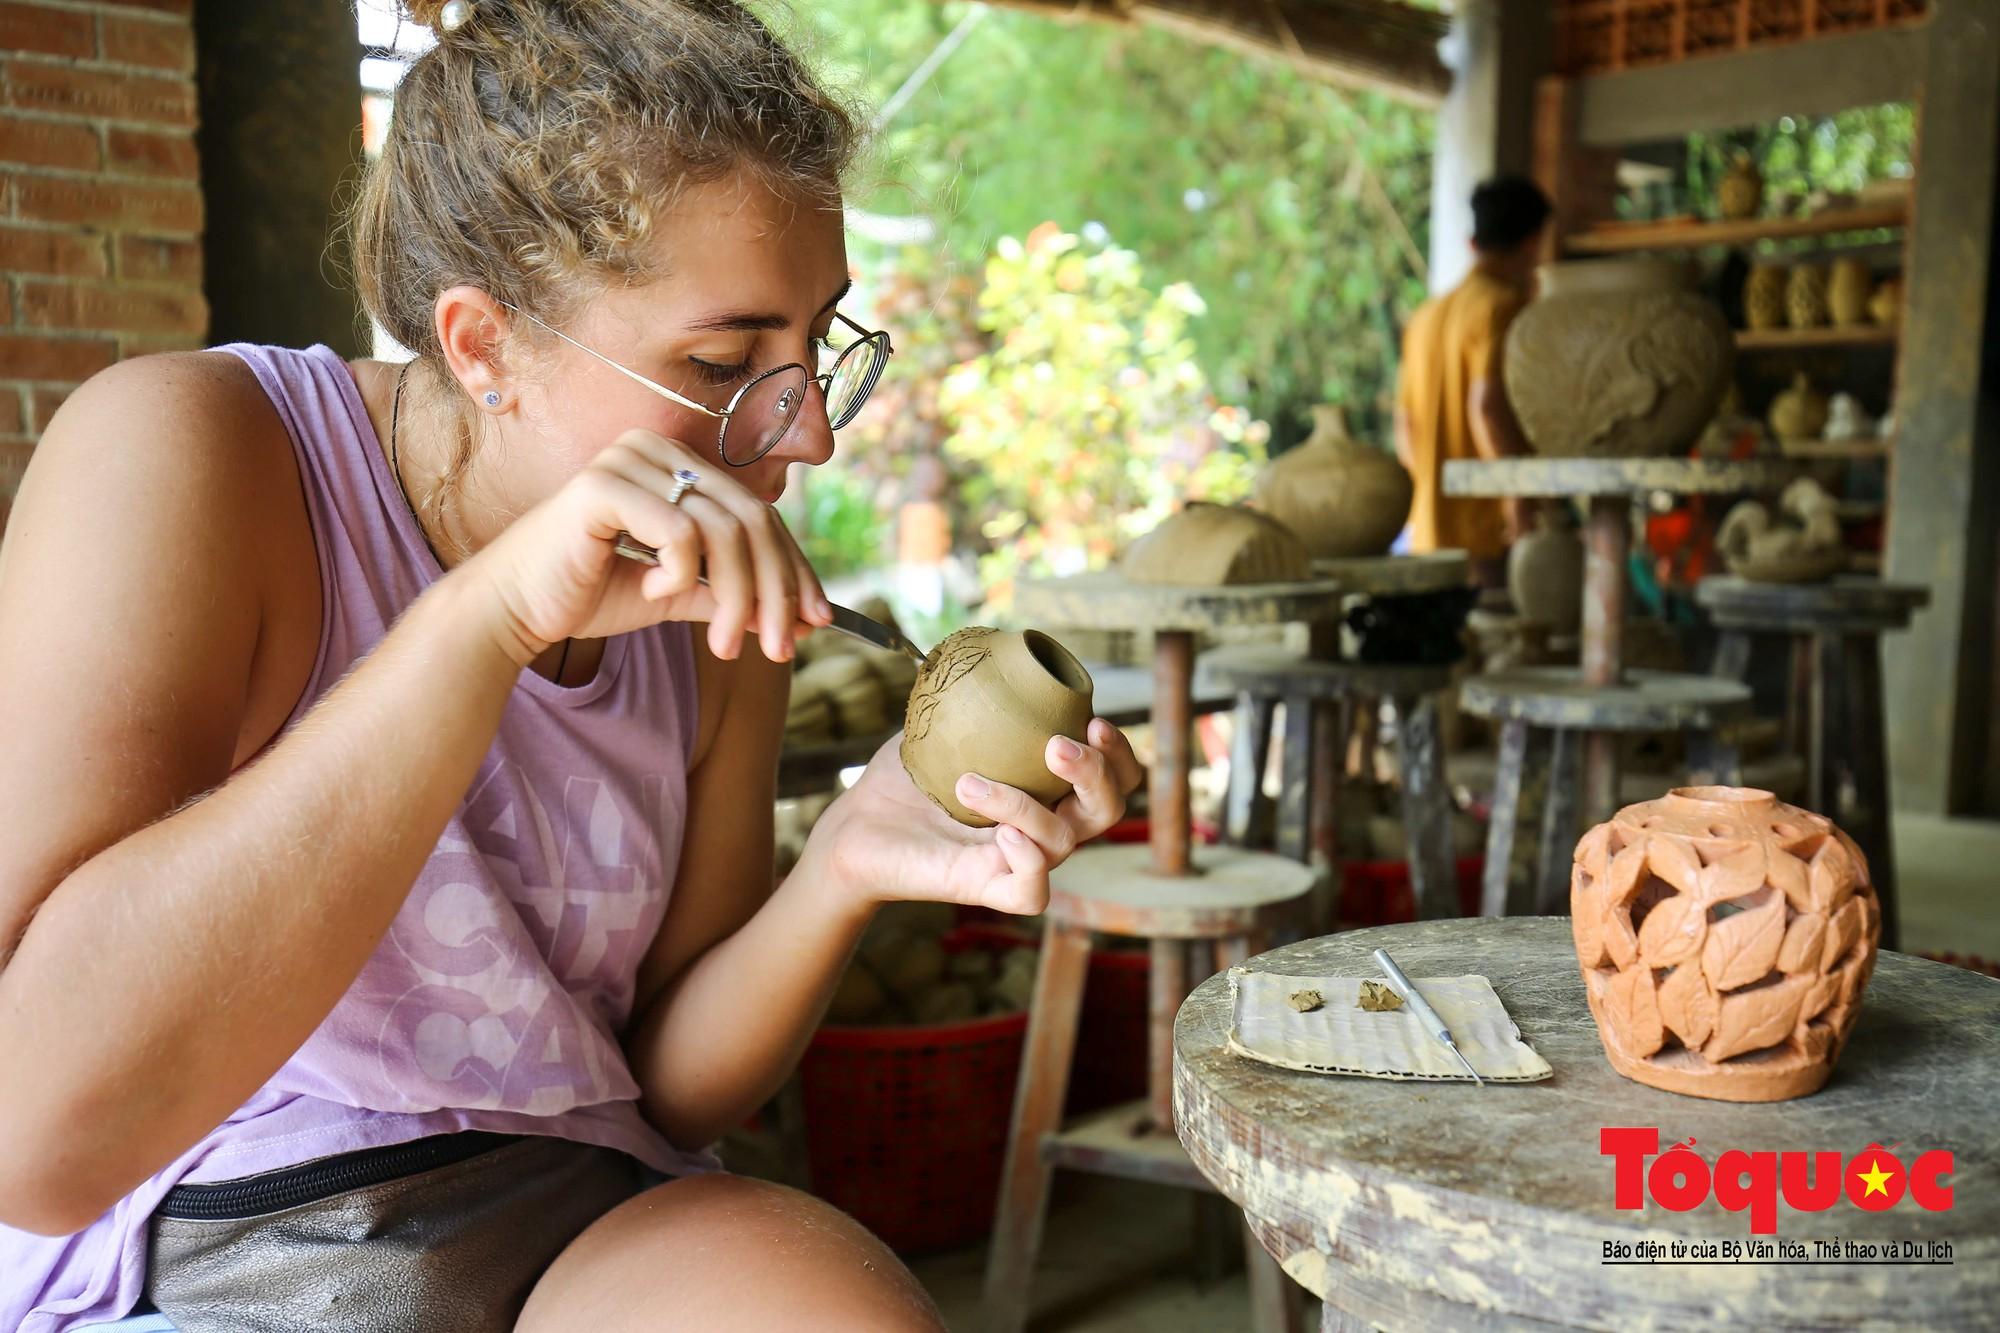 Vẻ đẹp trầm mặc của làng gốm gần nghìn năm tuổi bên dòng sông Thu Bồn22